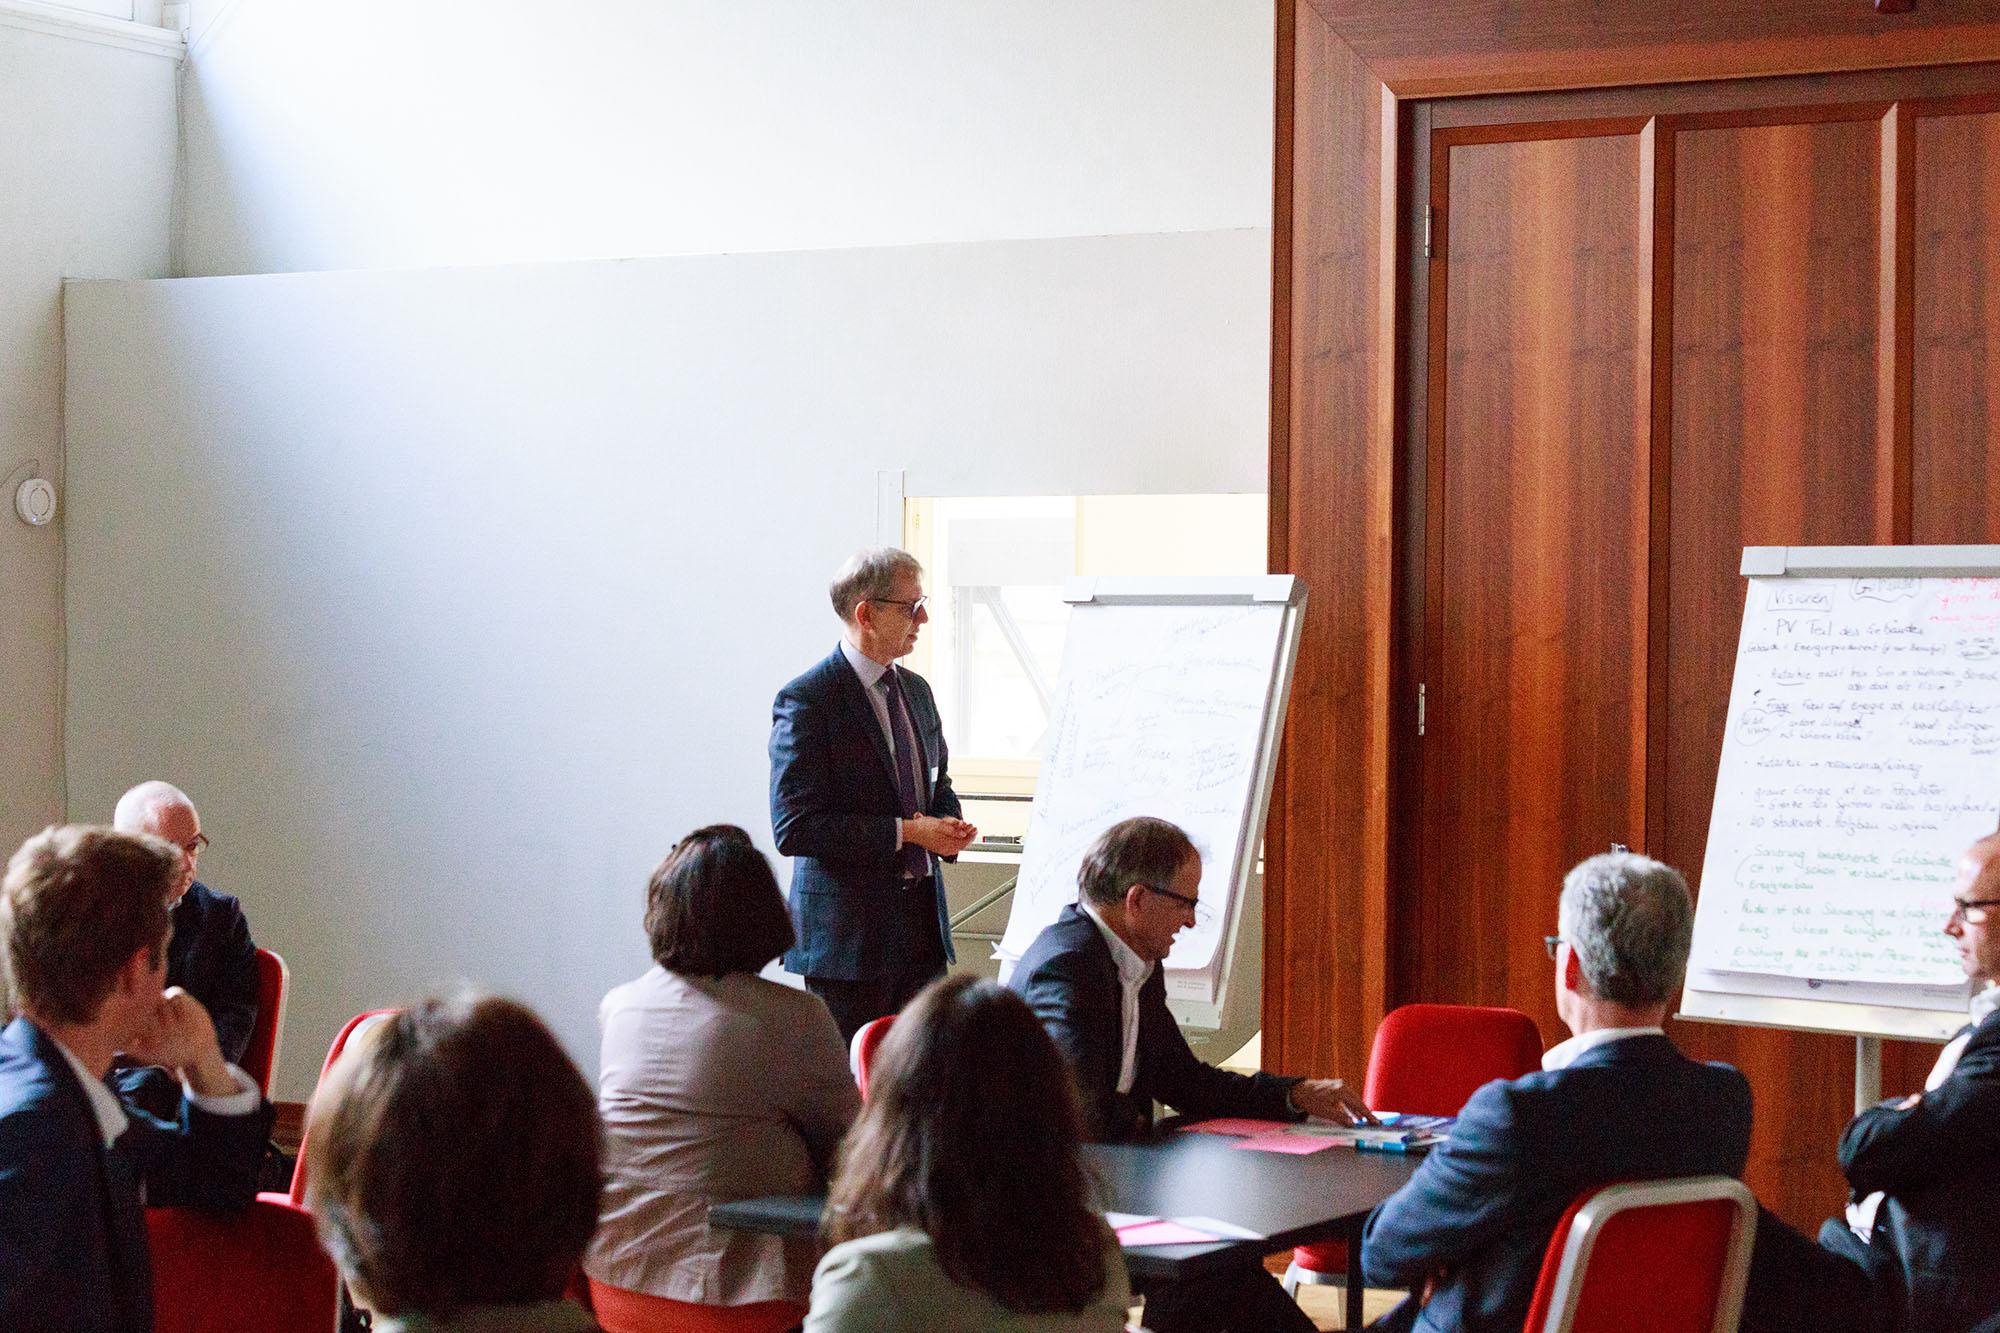 Dr. Christian Zeyer, Geschäftsführer, Leiter Research, swisscleantech